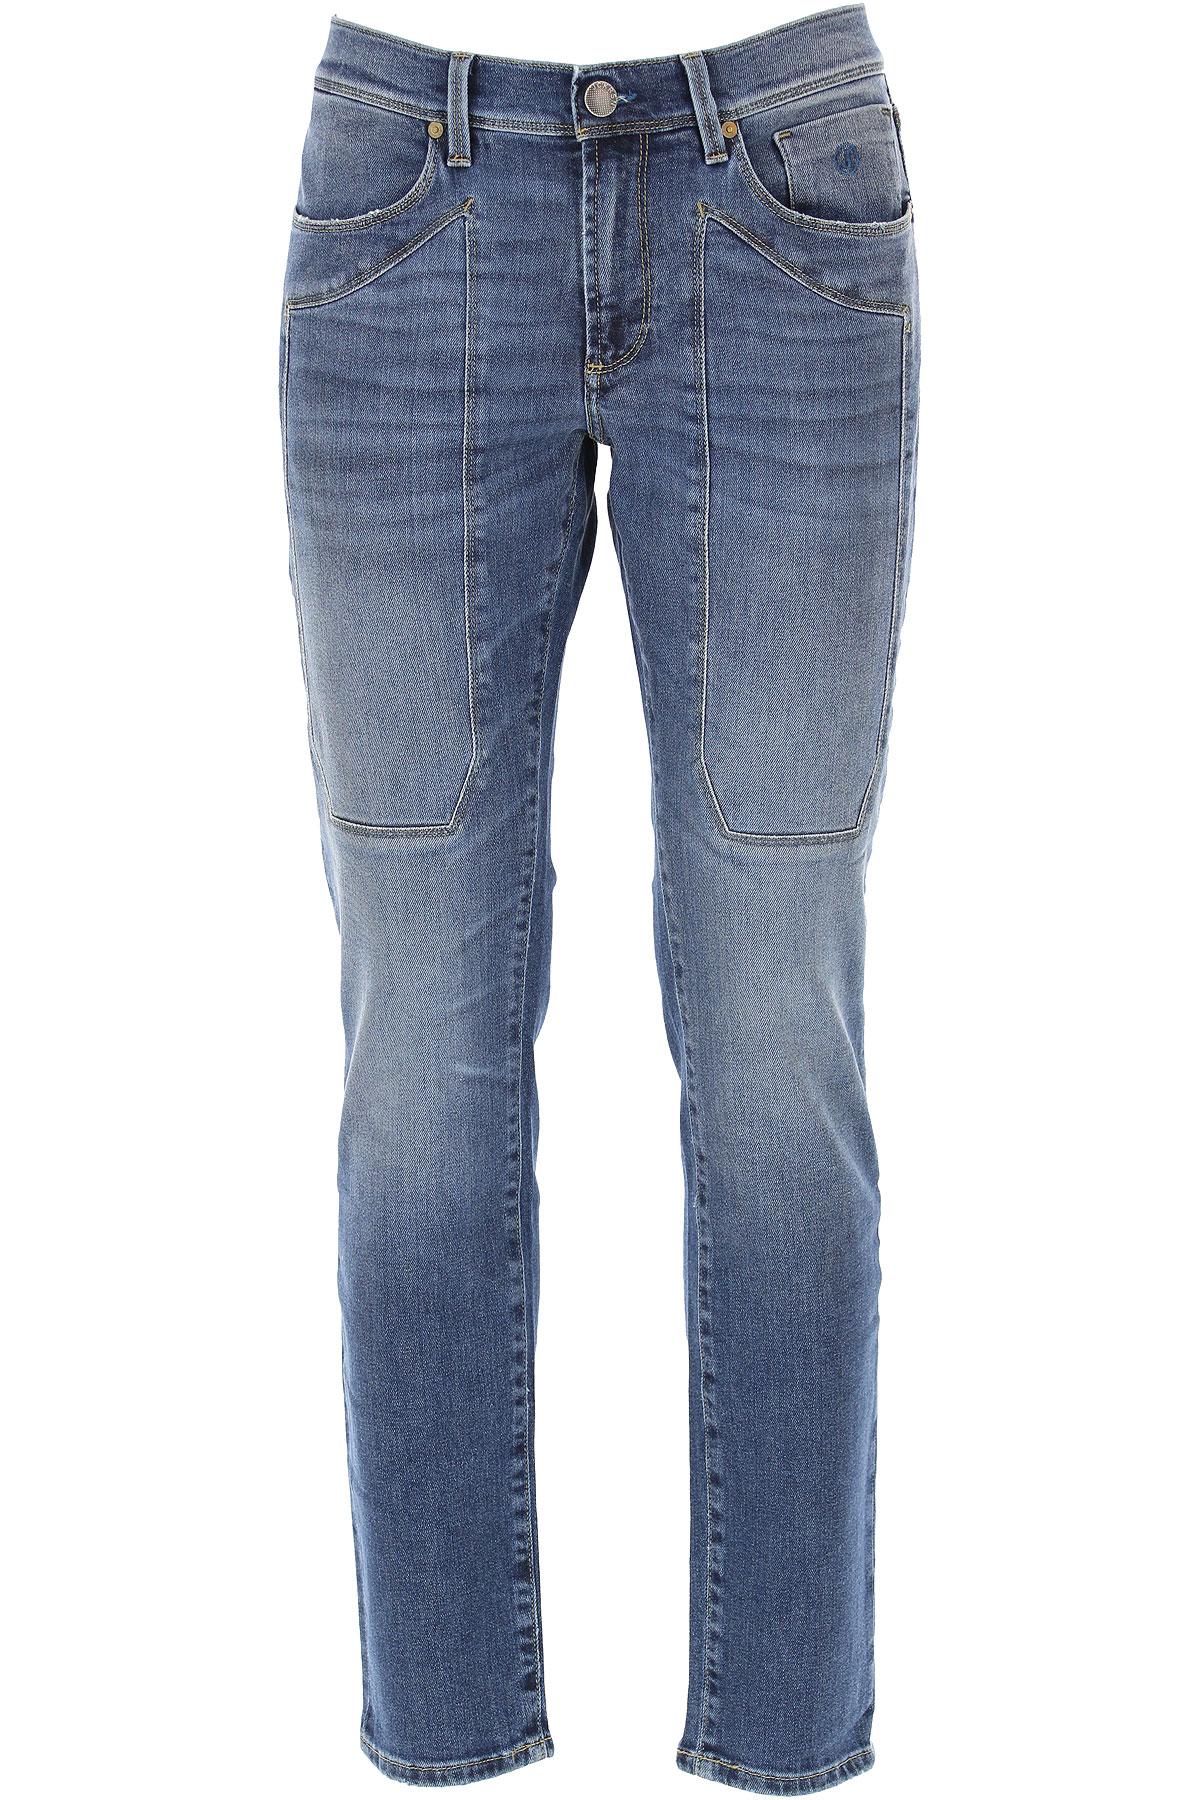 Jeckerson Jeans On Sale, Denim Blue, Cotton, 2019, 30 31 33 34 35 38